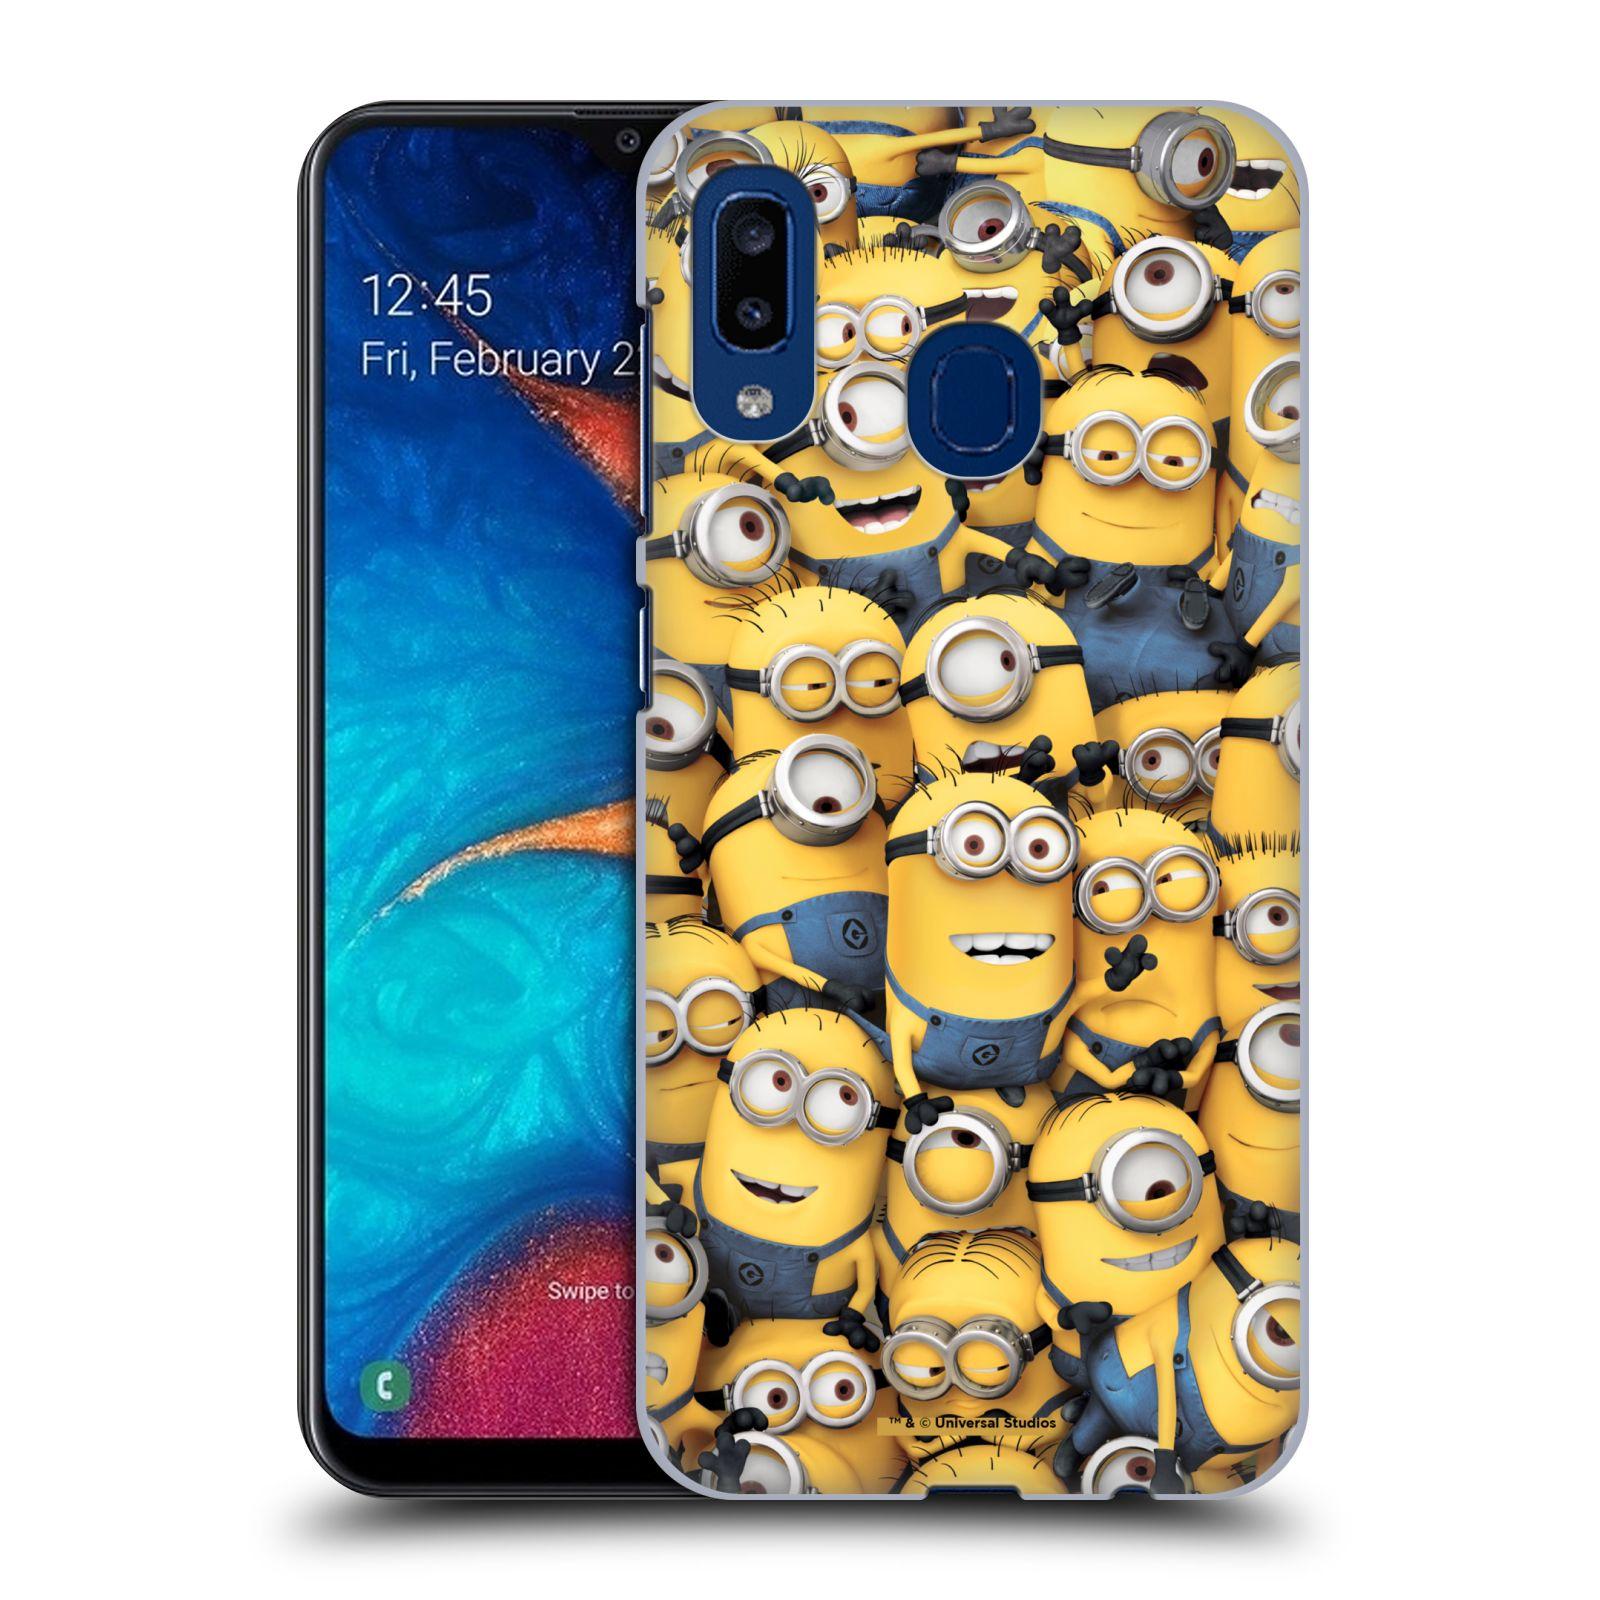 Plastové pouzdro na mobil Samsung Galaxy A20 - Head Case - Mimoni všude z filmu Já, padouch - Despicable Me